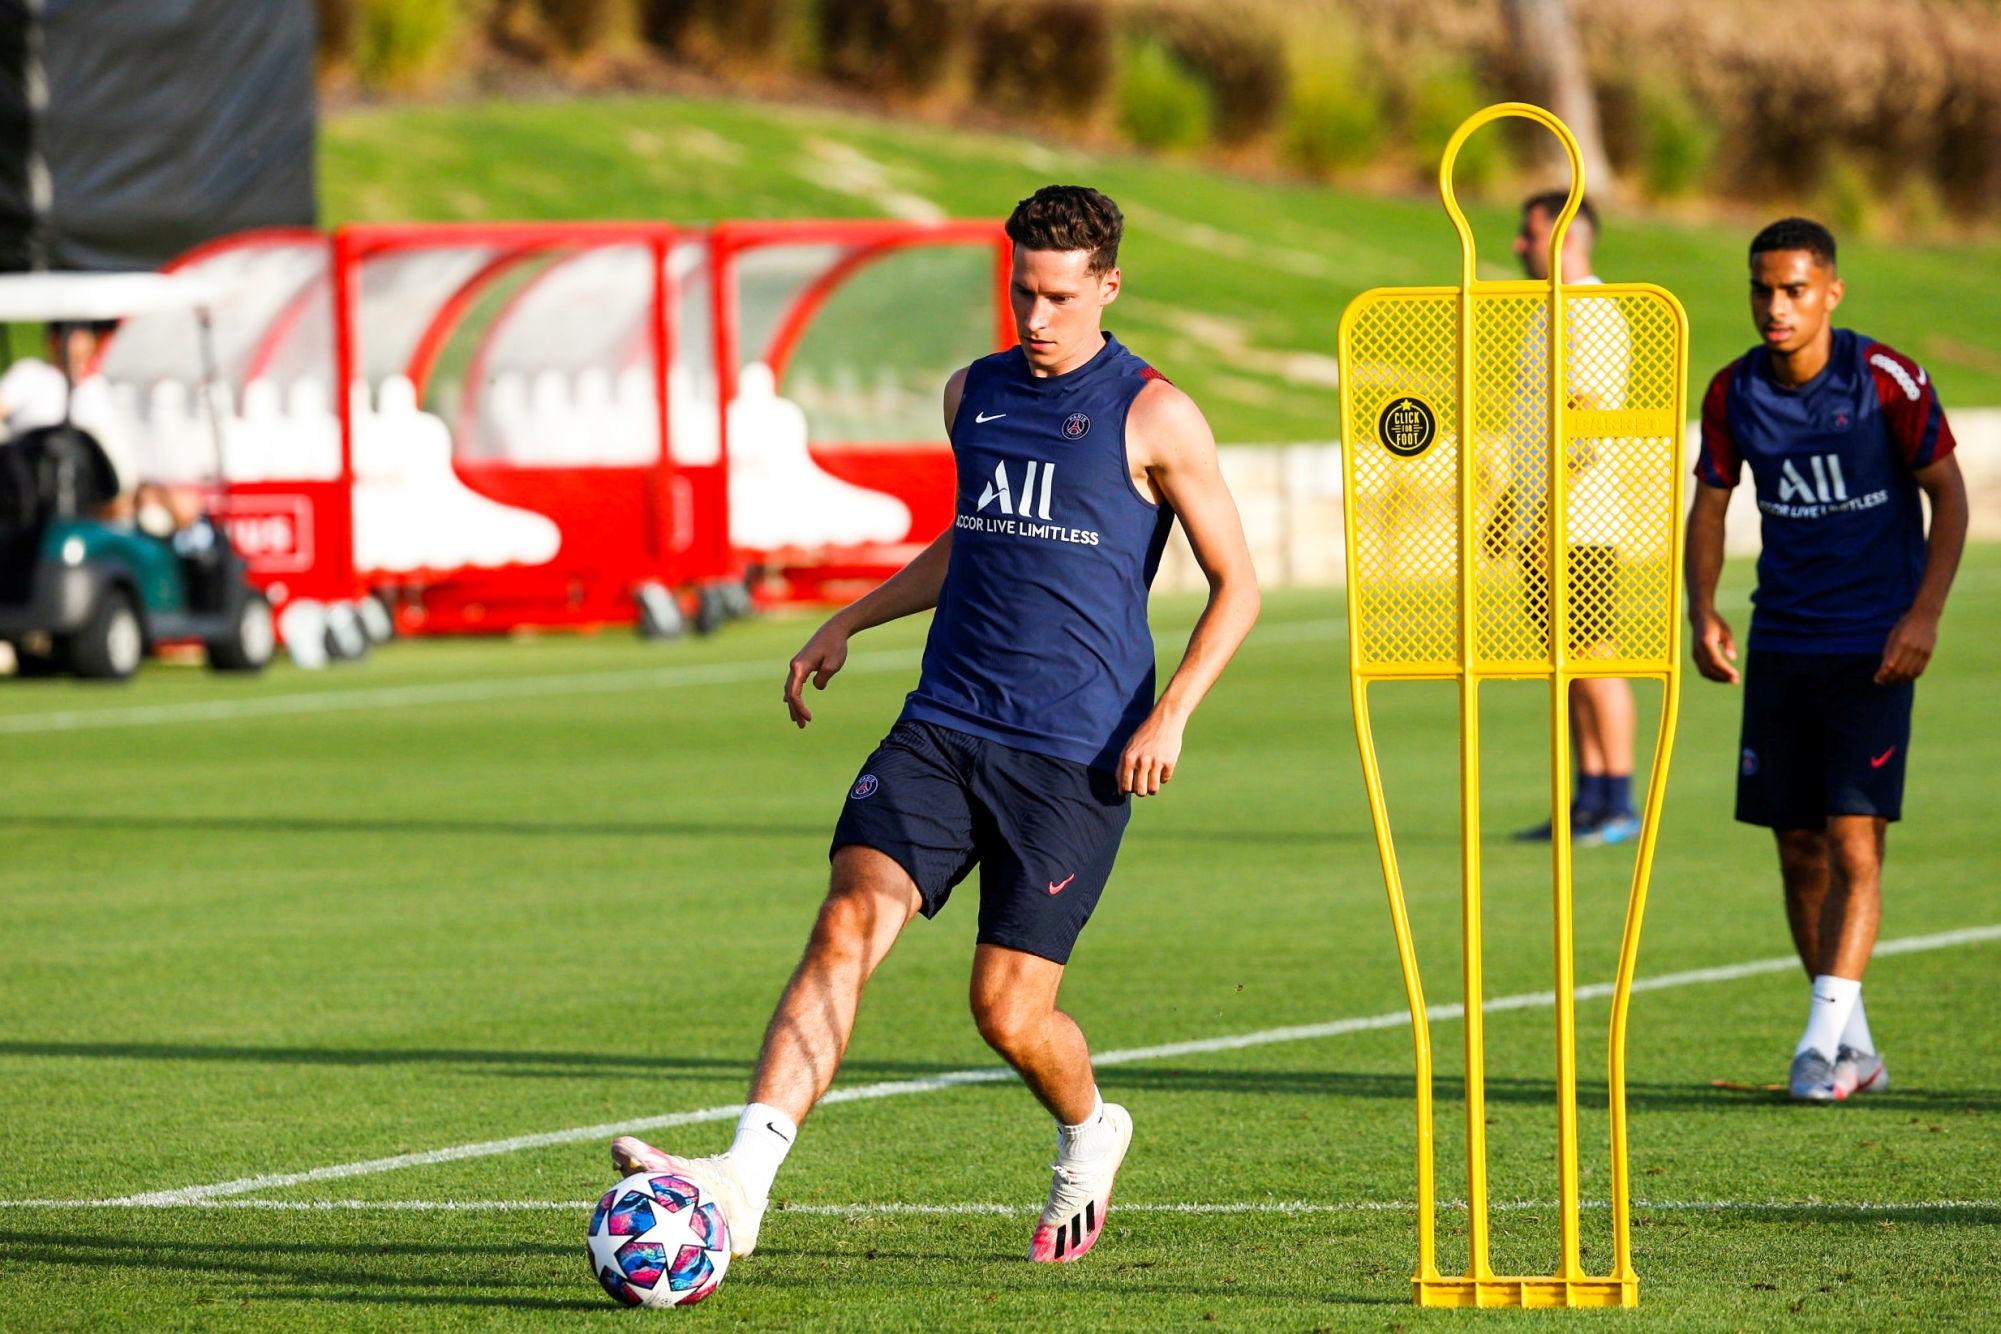 Mercato - Leeds a contacté Draxler, peu intéressé pour le moment d'après RMC Sport